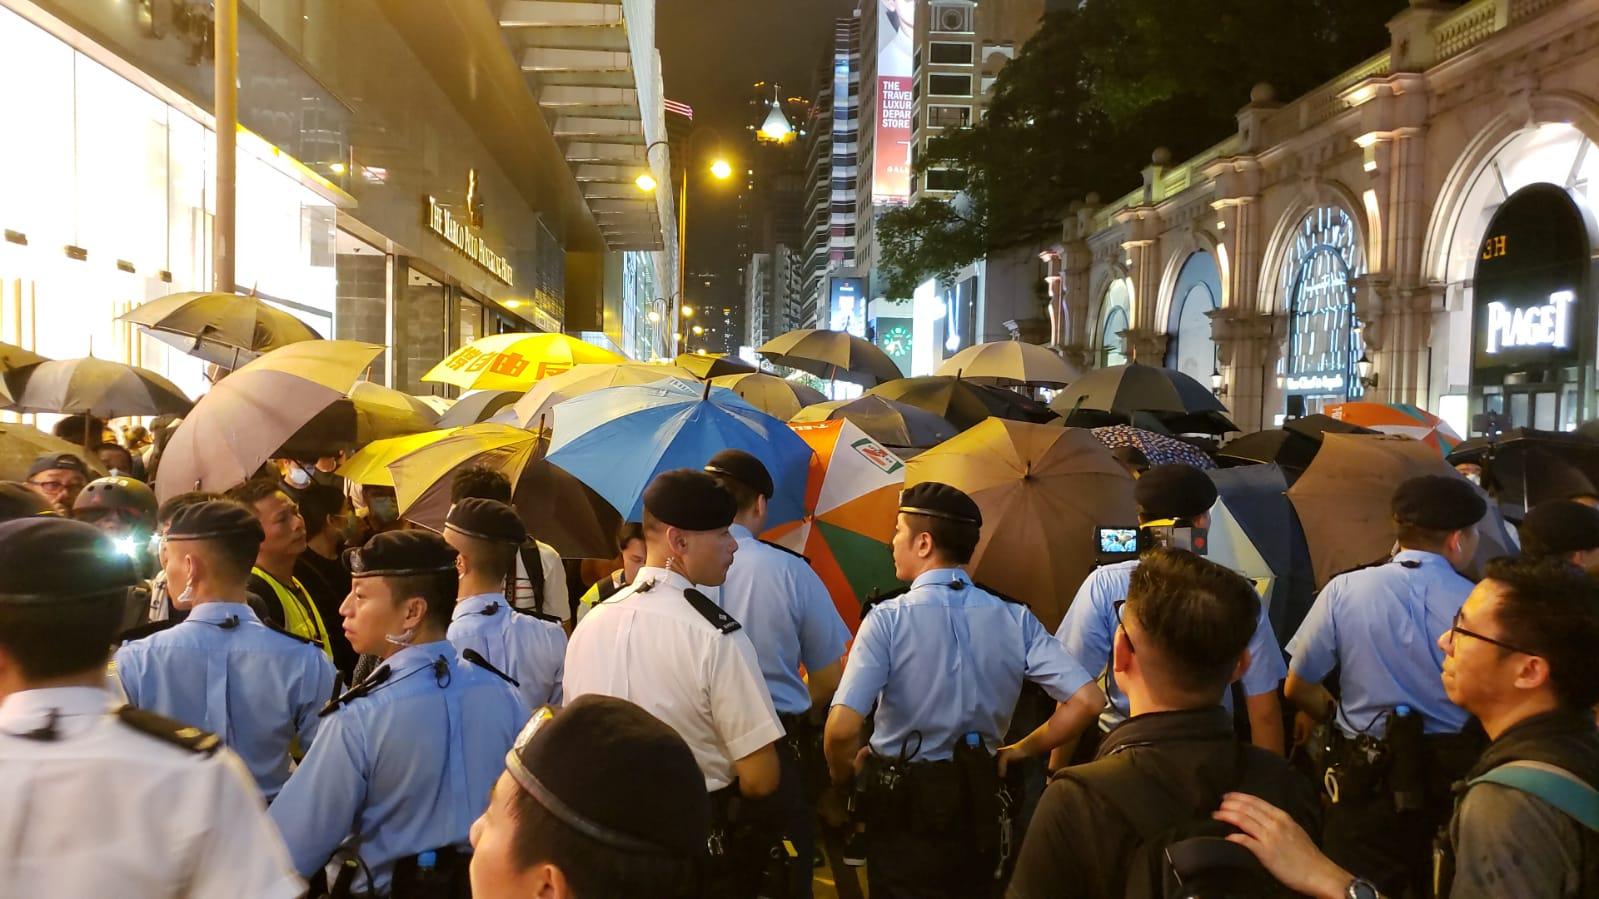 【尖沙嘴遊行】廣東道示威者衝擊 警方防線退至文化中心